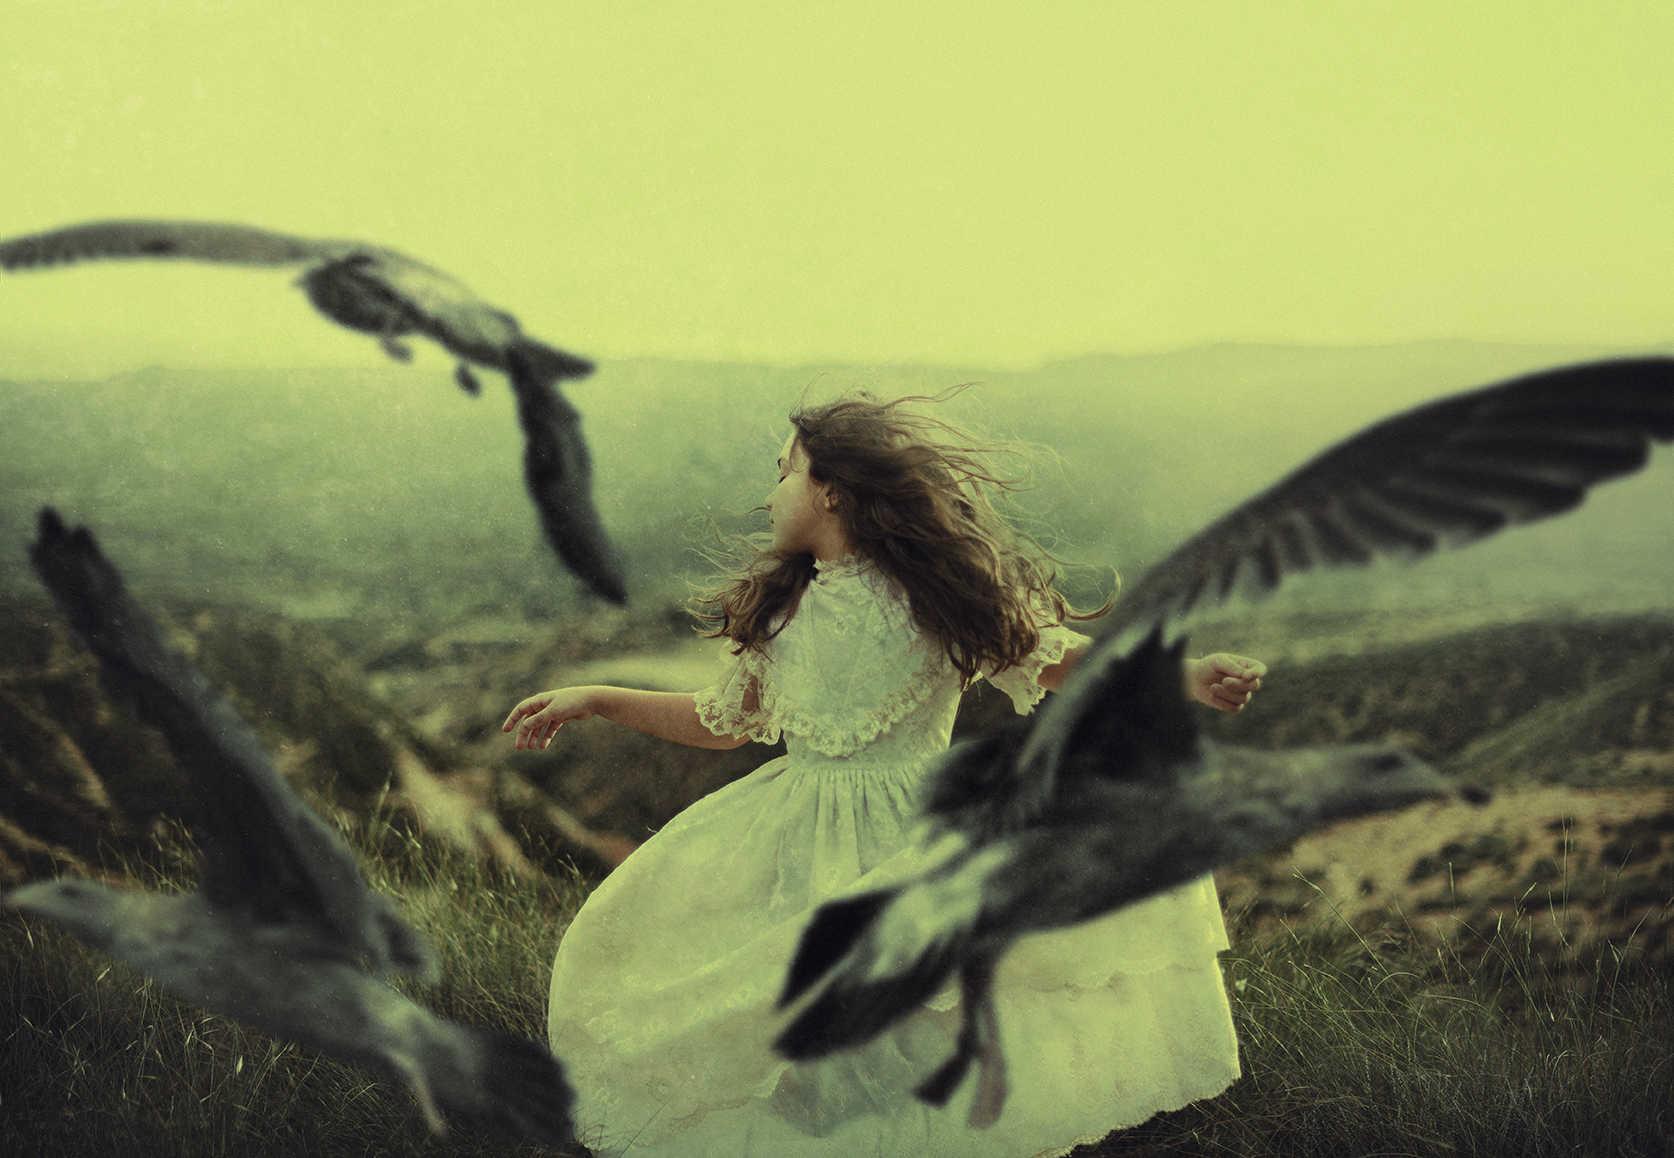 NIña corriendo con pájaros